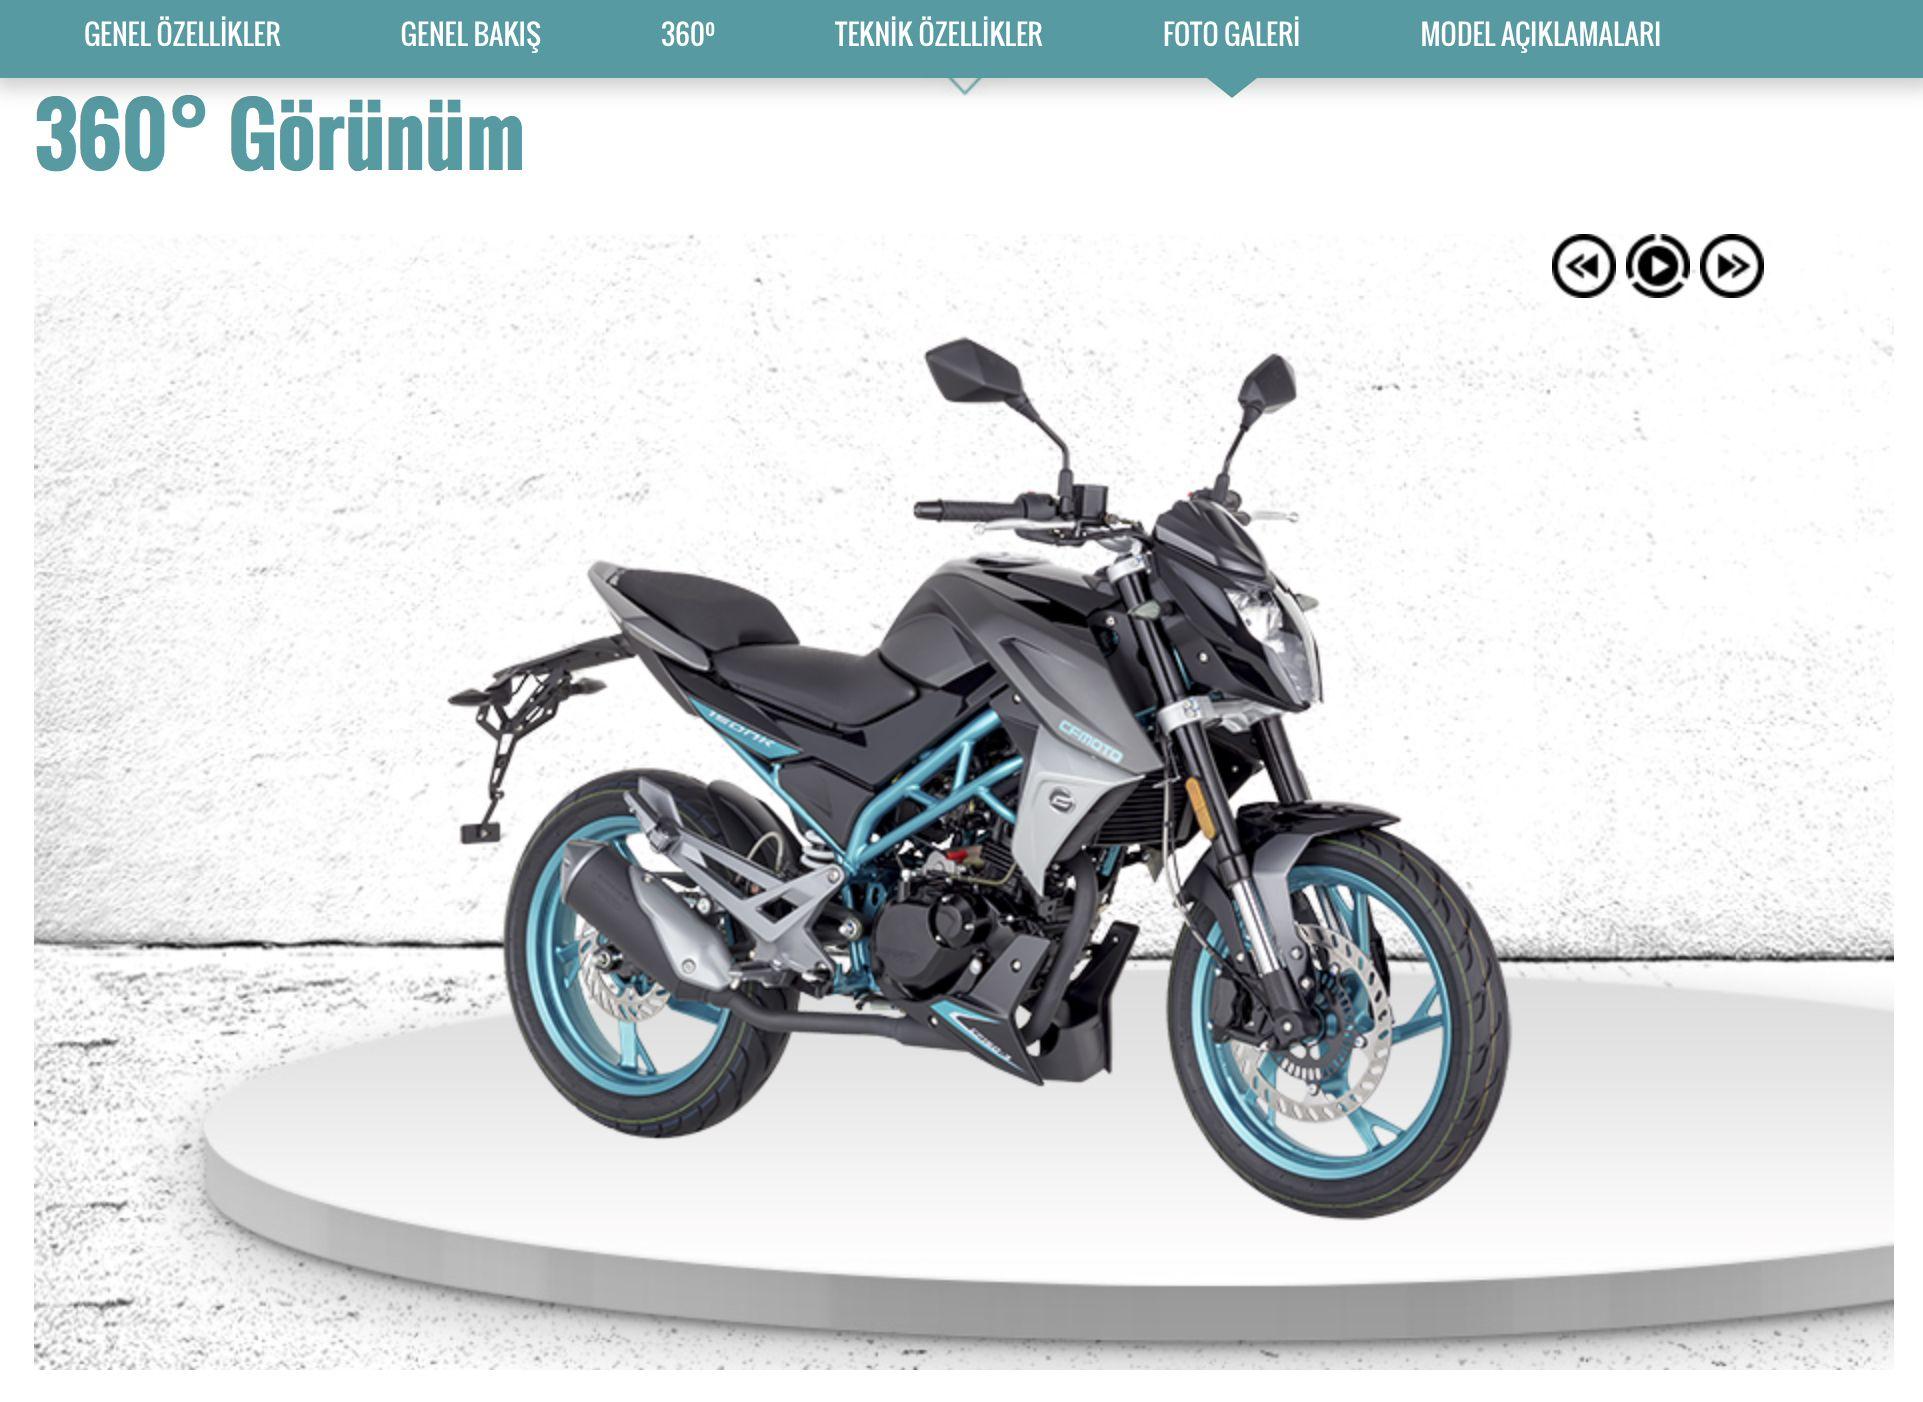 2016 Nın Yıldızı 150 Nk Her Yönüyle Incelemeniz Için Www Cfmoto Com Tr De Sizi Bekliyor Yıldız Motosikletler Scooter